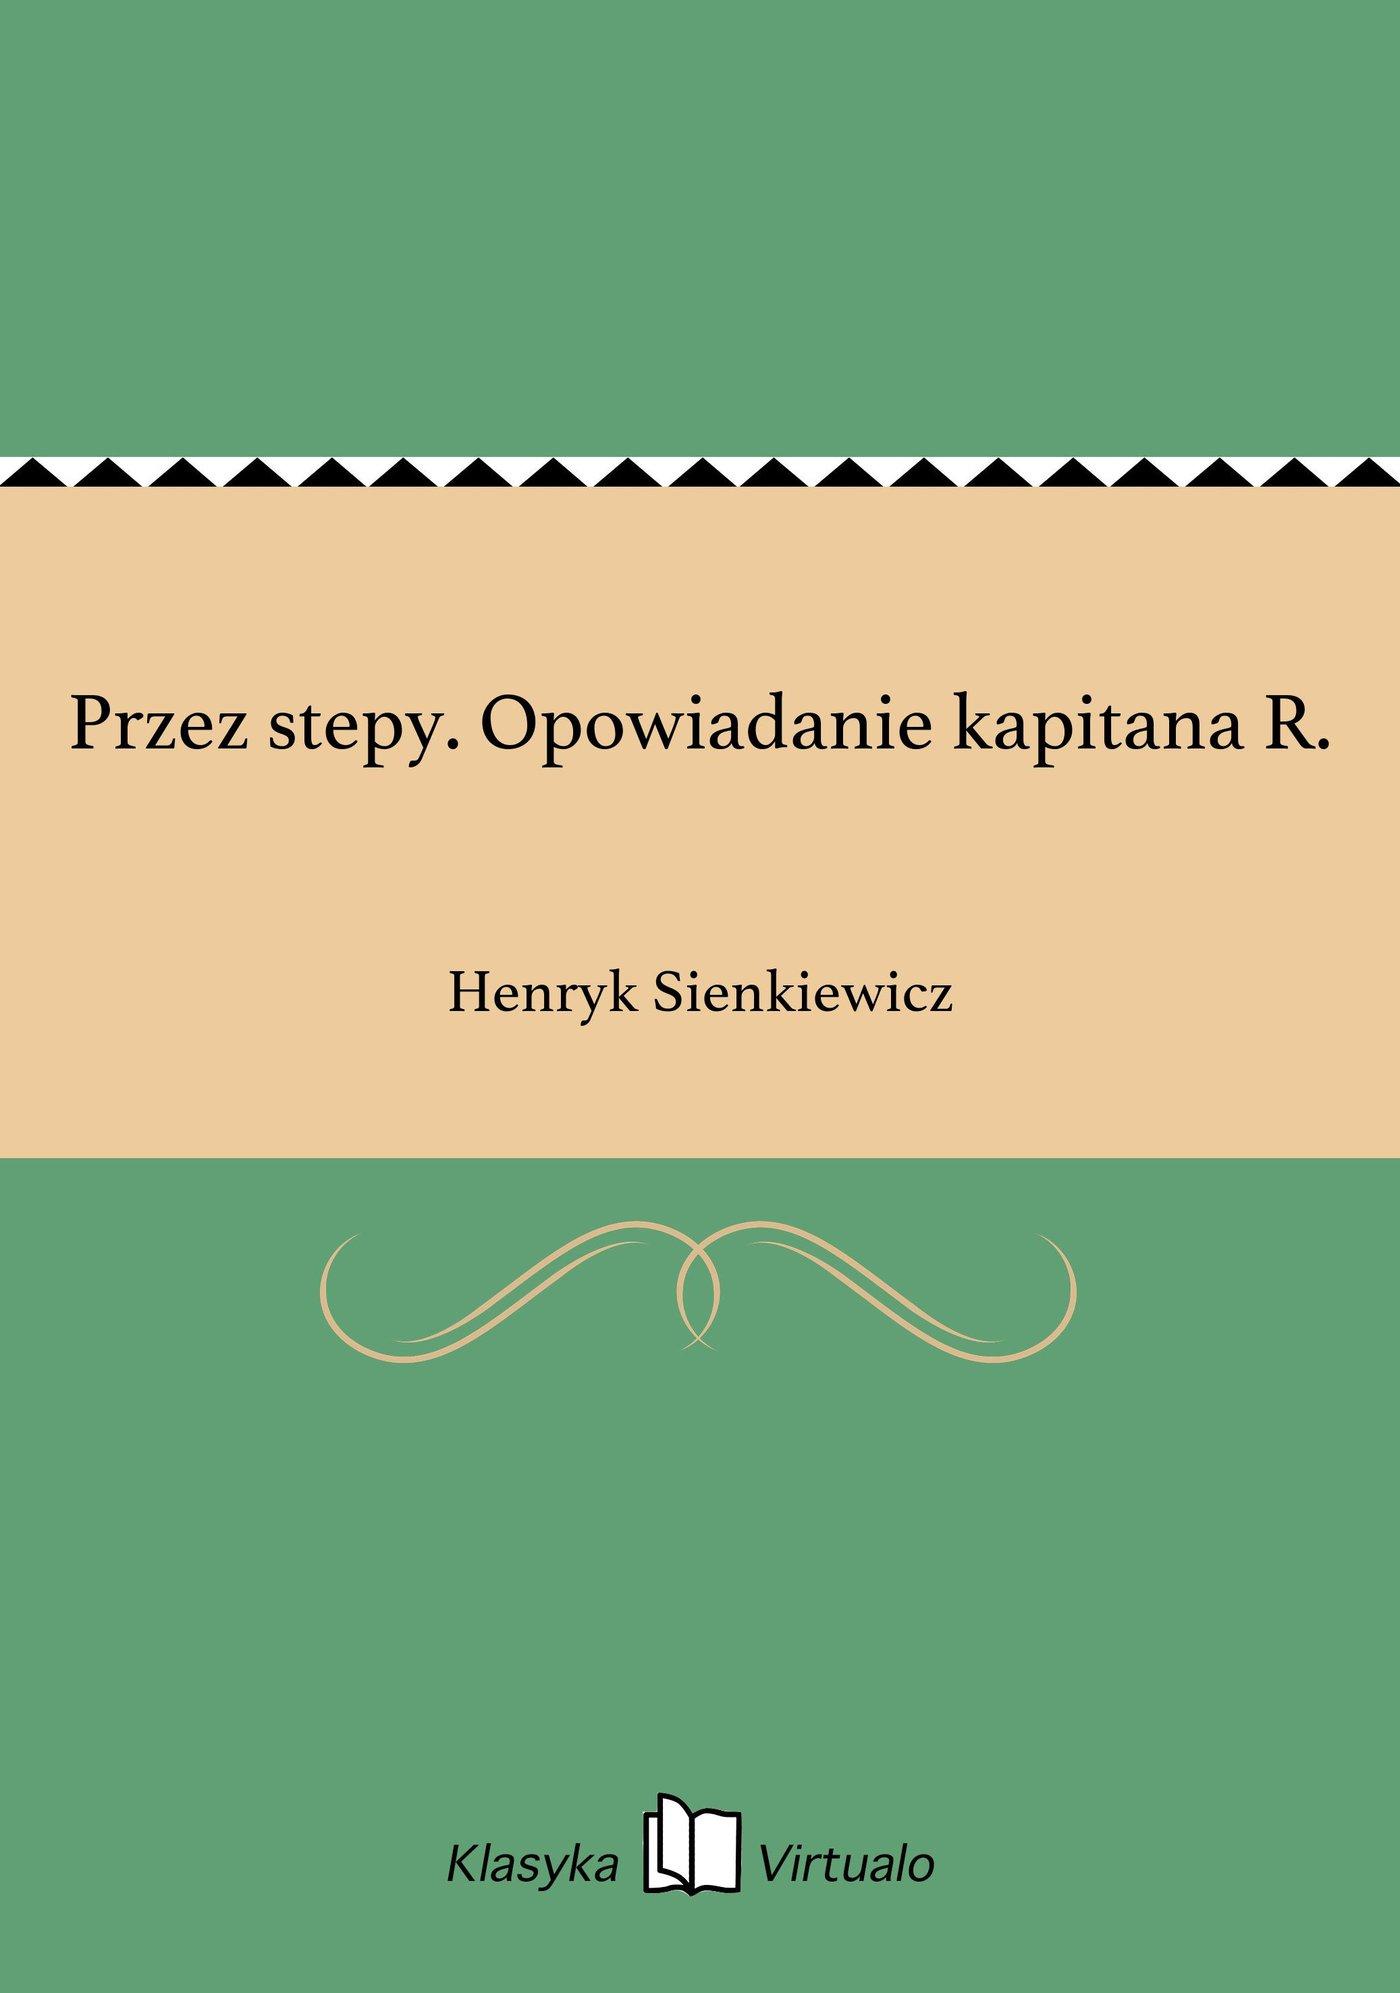 Przez stepy. Opowiadanie kapitana R. - Ebook (Książka na Kindle) do pobrania w formacie MOBI